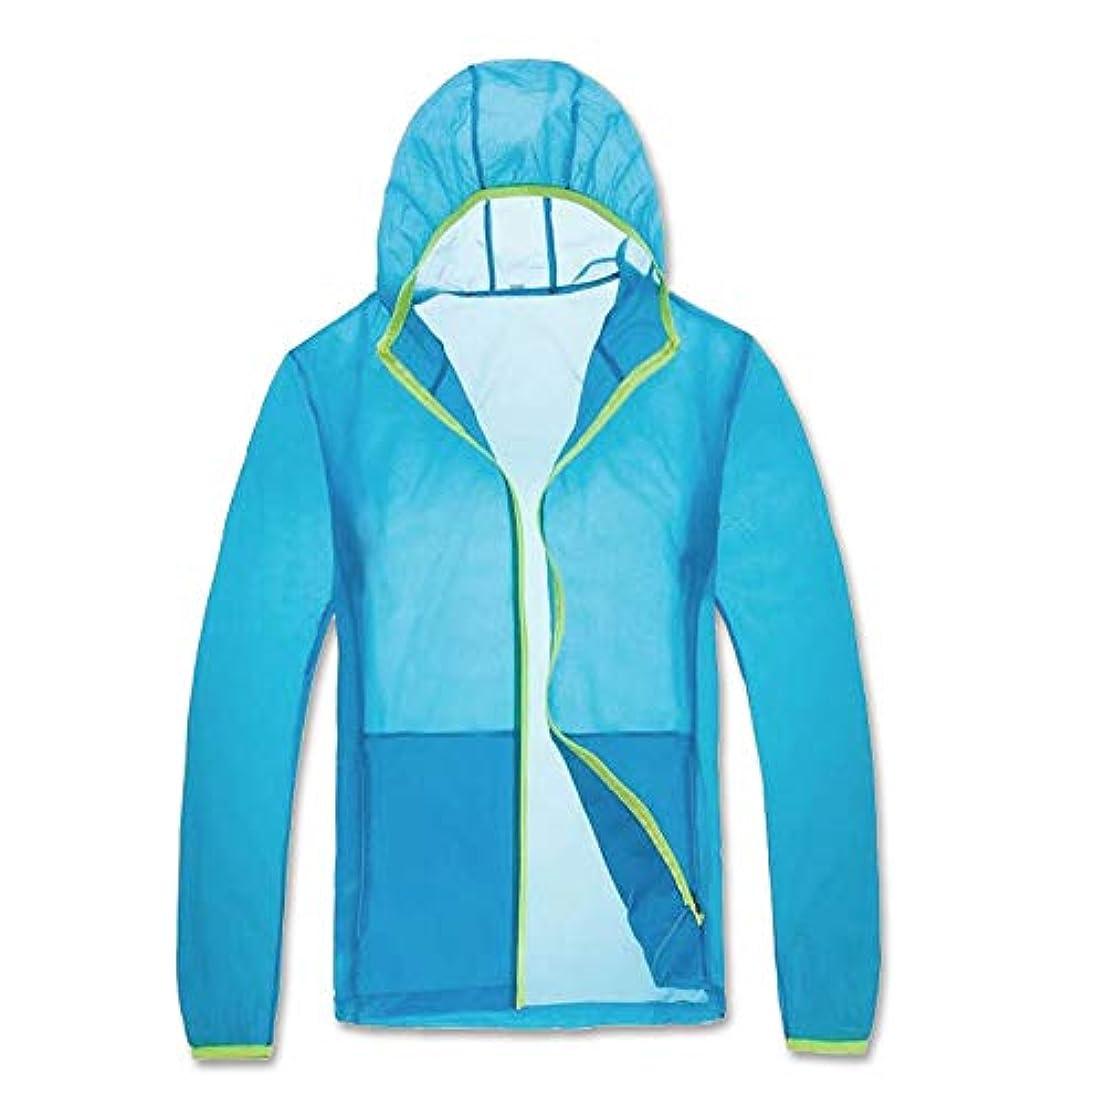 魅力的リビジョンペチュランス夏のエアコン衣類ファン冷却衣服冷却ジャケット日焼け止め防蚊防水ジャケットスキンコート,Blue,L